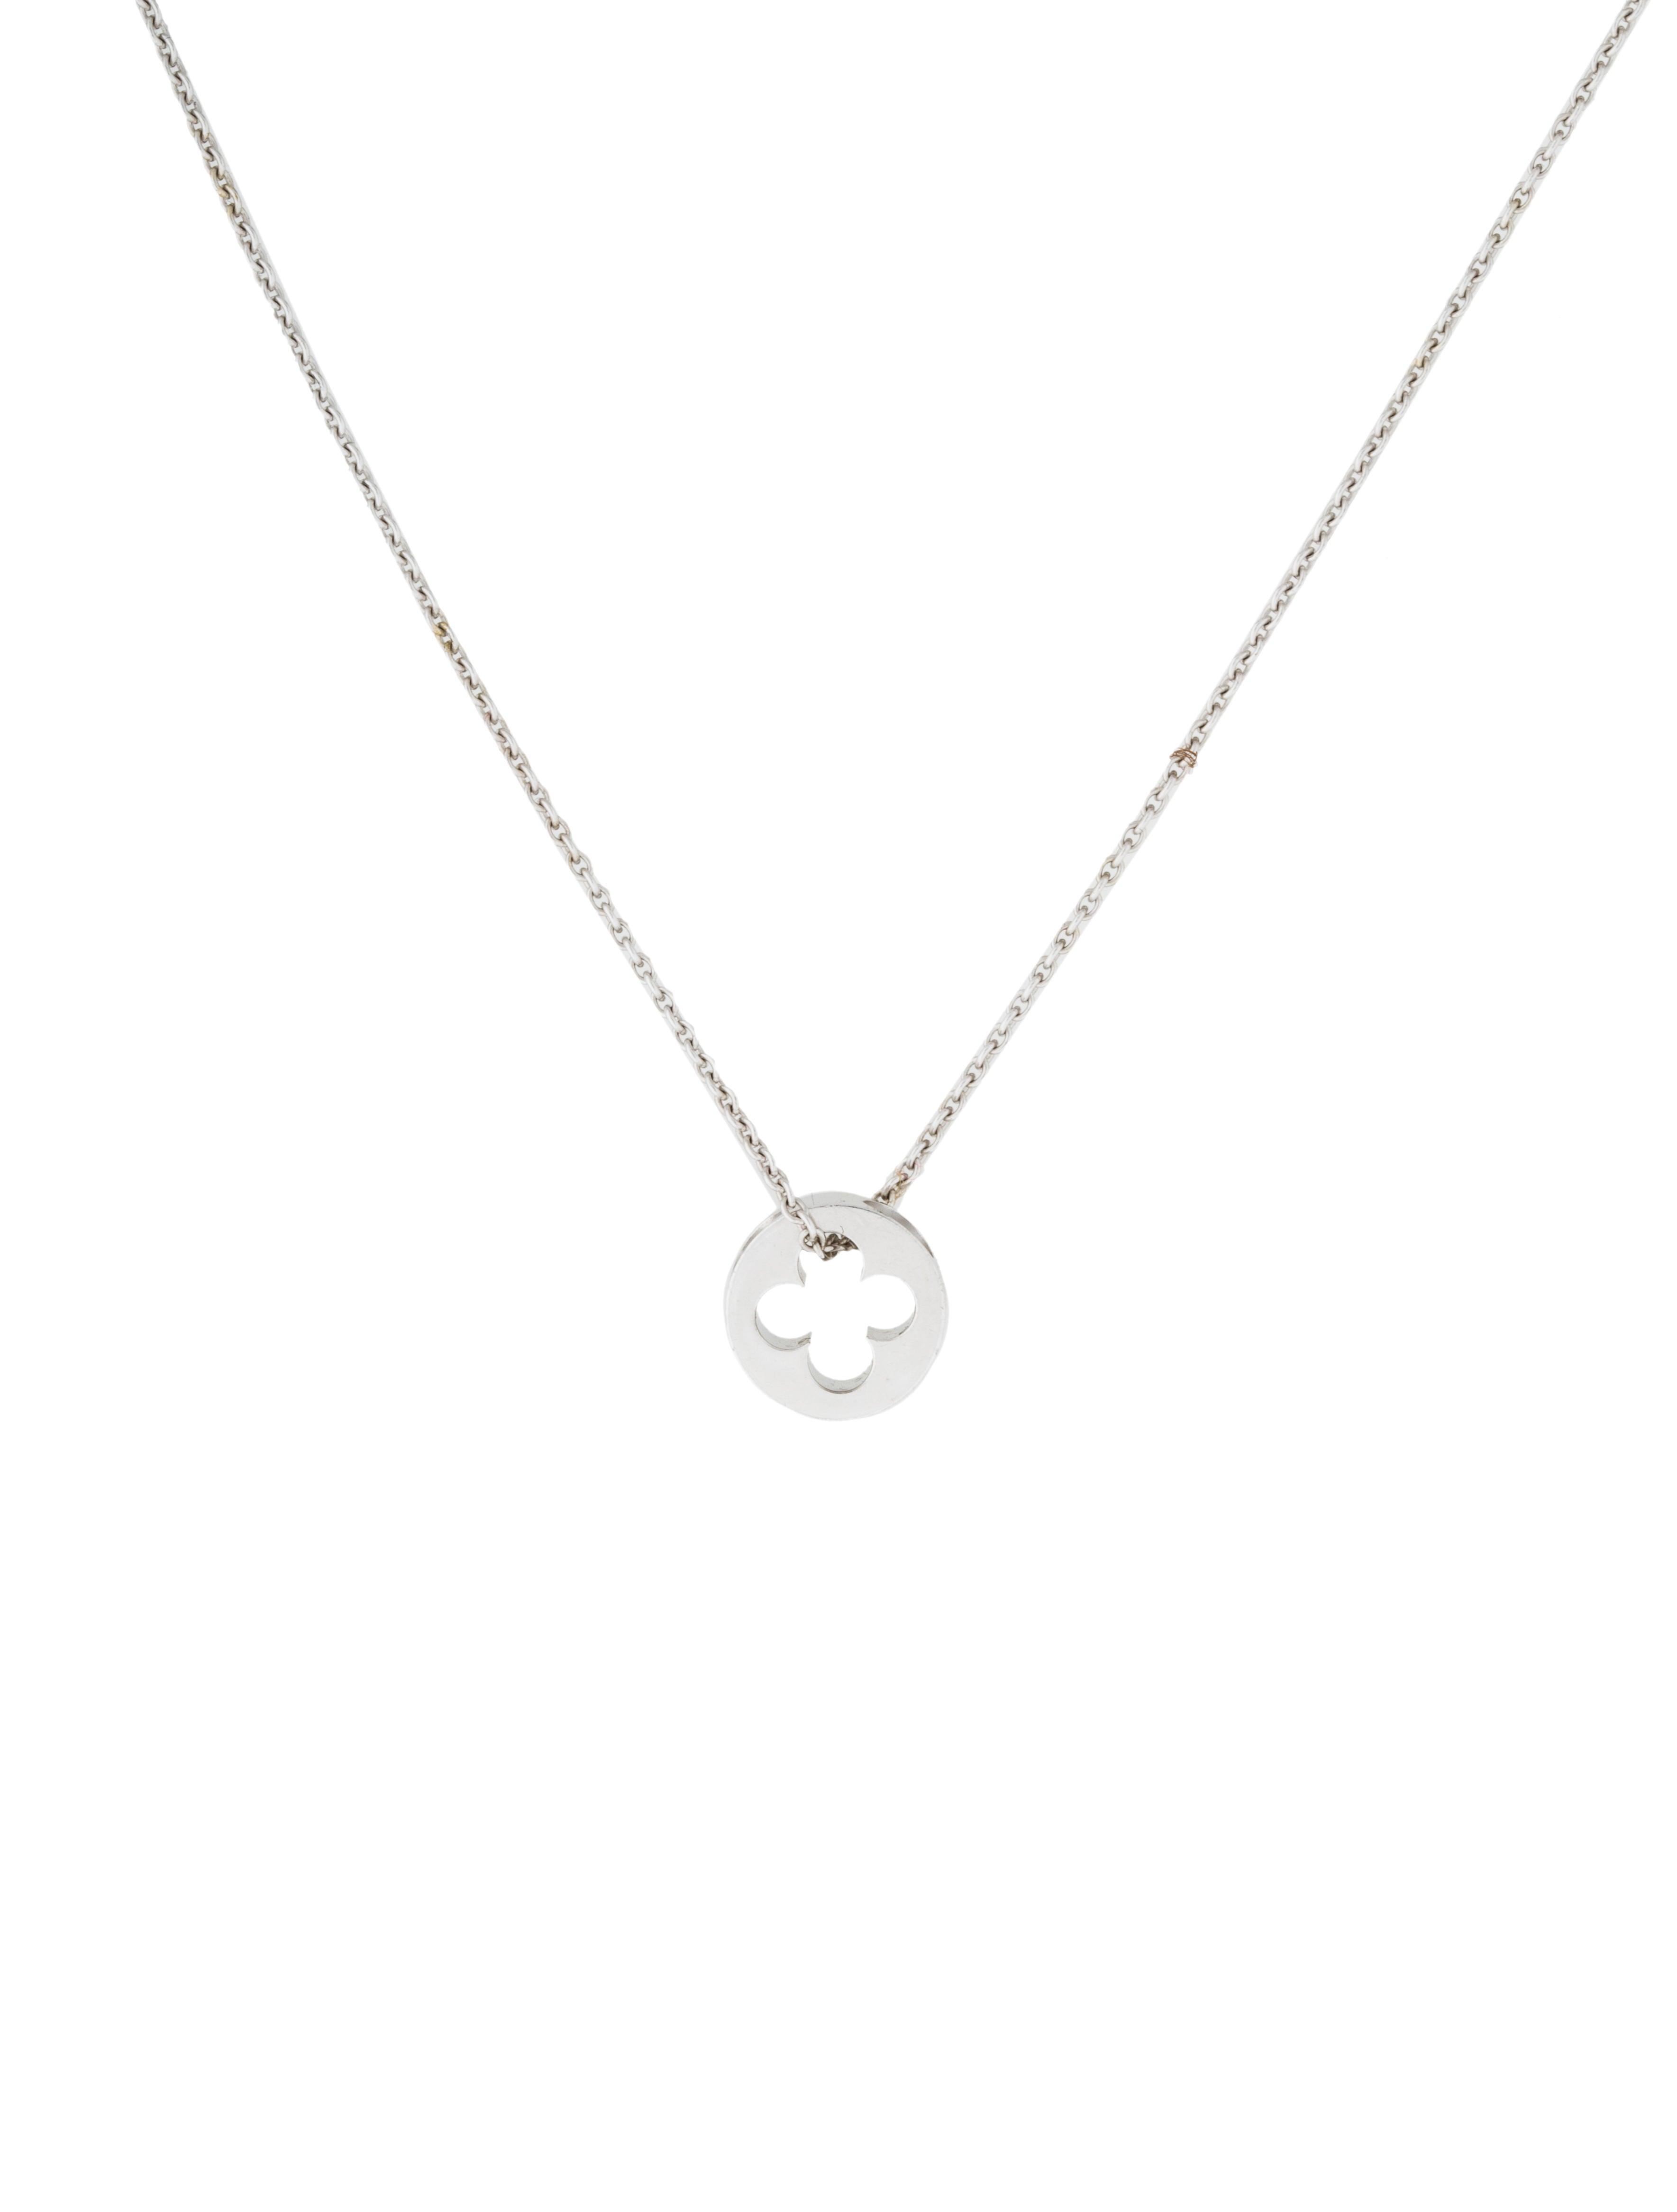 Louis vuitton clover pendant necklace necklaces lou97816 the clover pendant necklace aloadofball Image collections